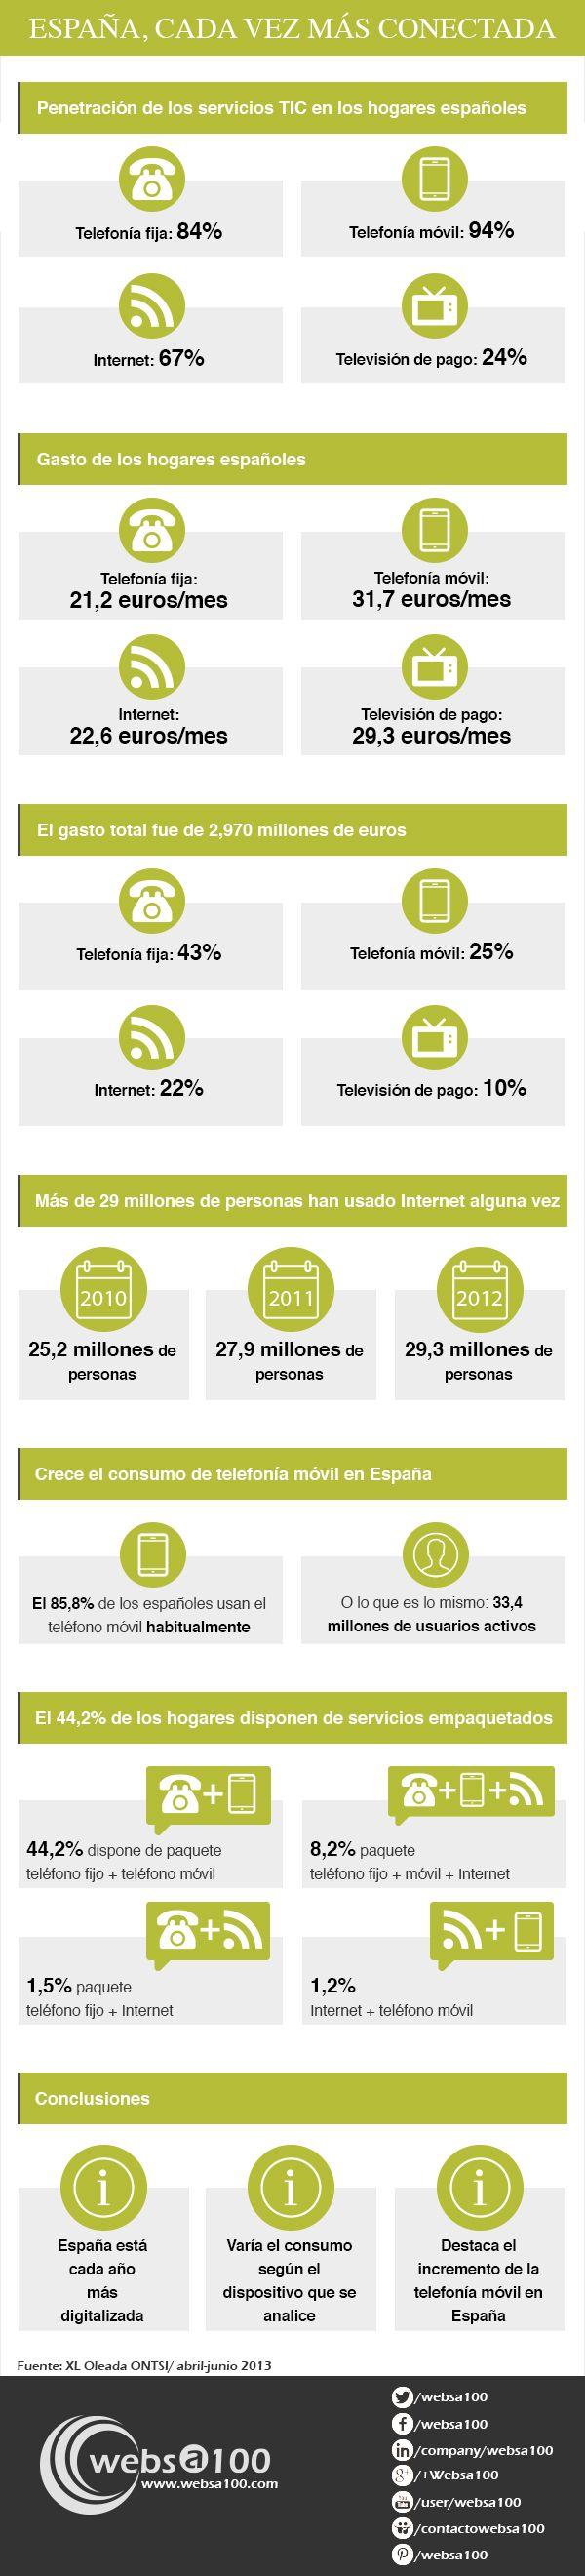 España: cada vez más conectada vía: http://www.pinterest.com/websa100/ #infografia #infographic #internet